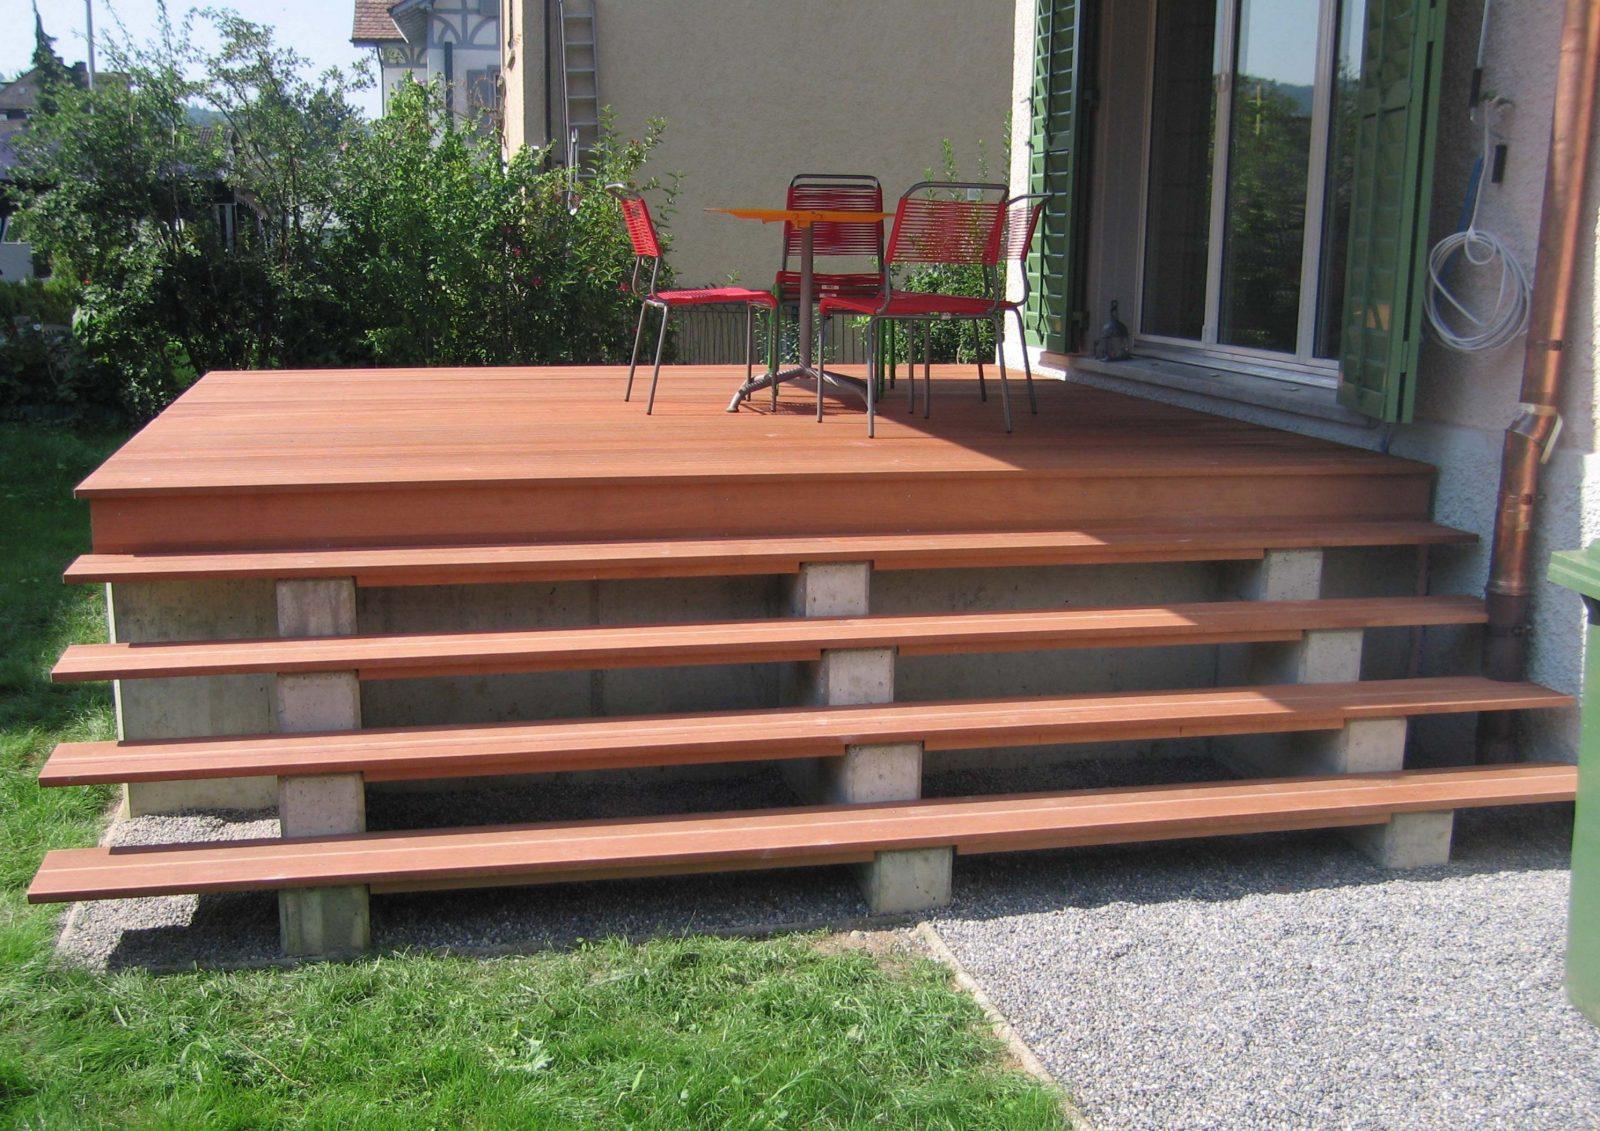 Holz Ausentreppe Selber Bauen Bauanleitung – Patrial Within von Terrassen Treppen Selber Bauen Photo